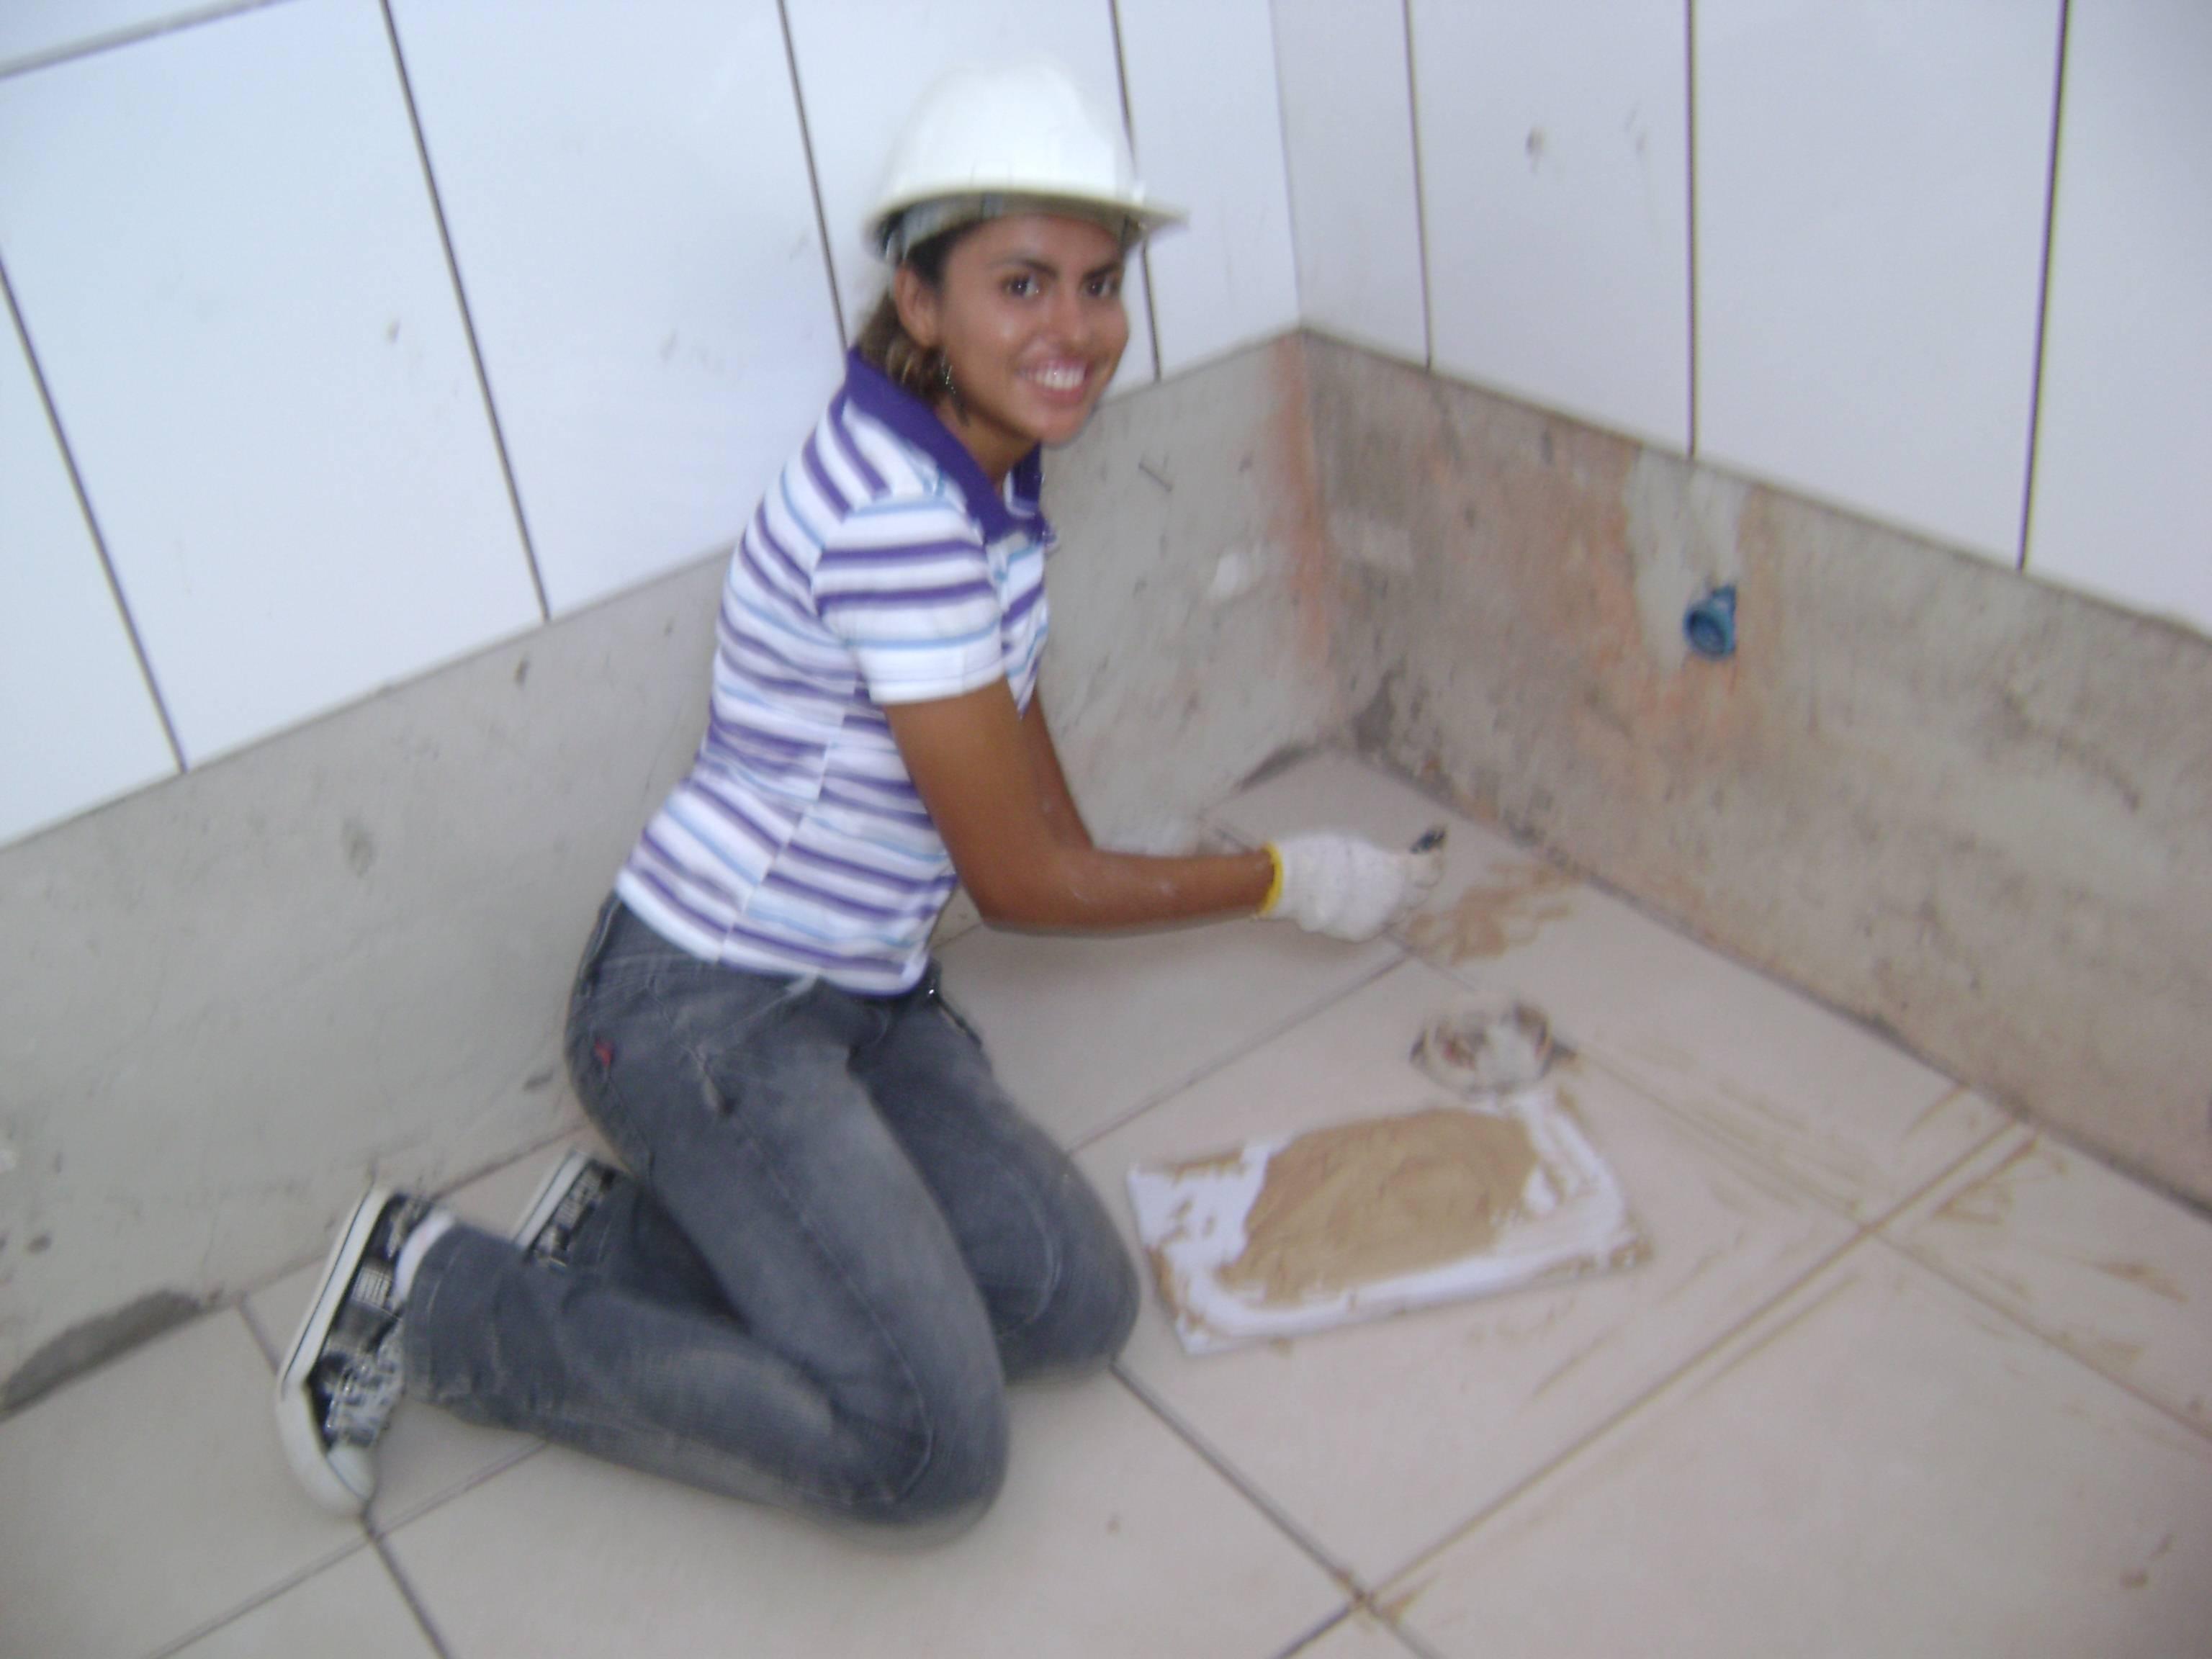 Construção Rápida Itapira Alguns dizem que nossas vidas são  #4B5F80 3072x2304 Banheiro Com Rejunte Branco